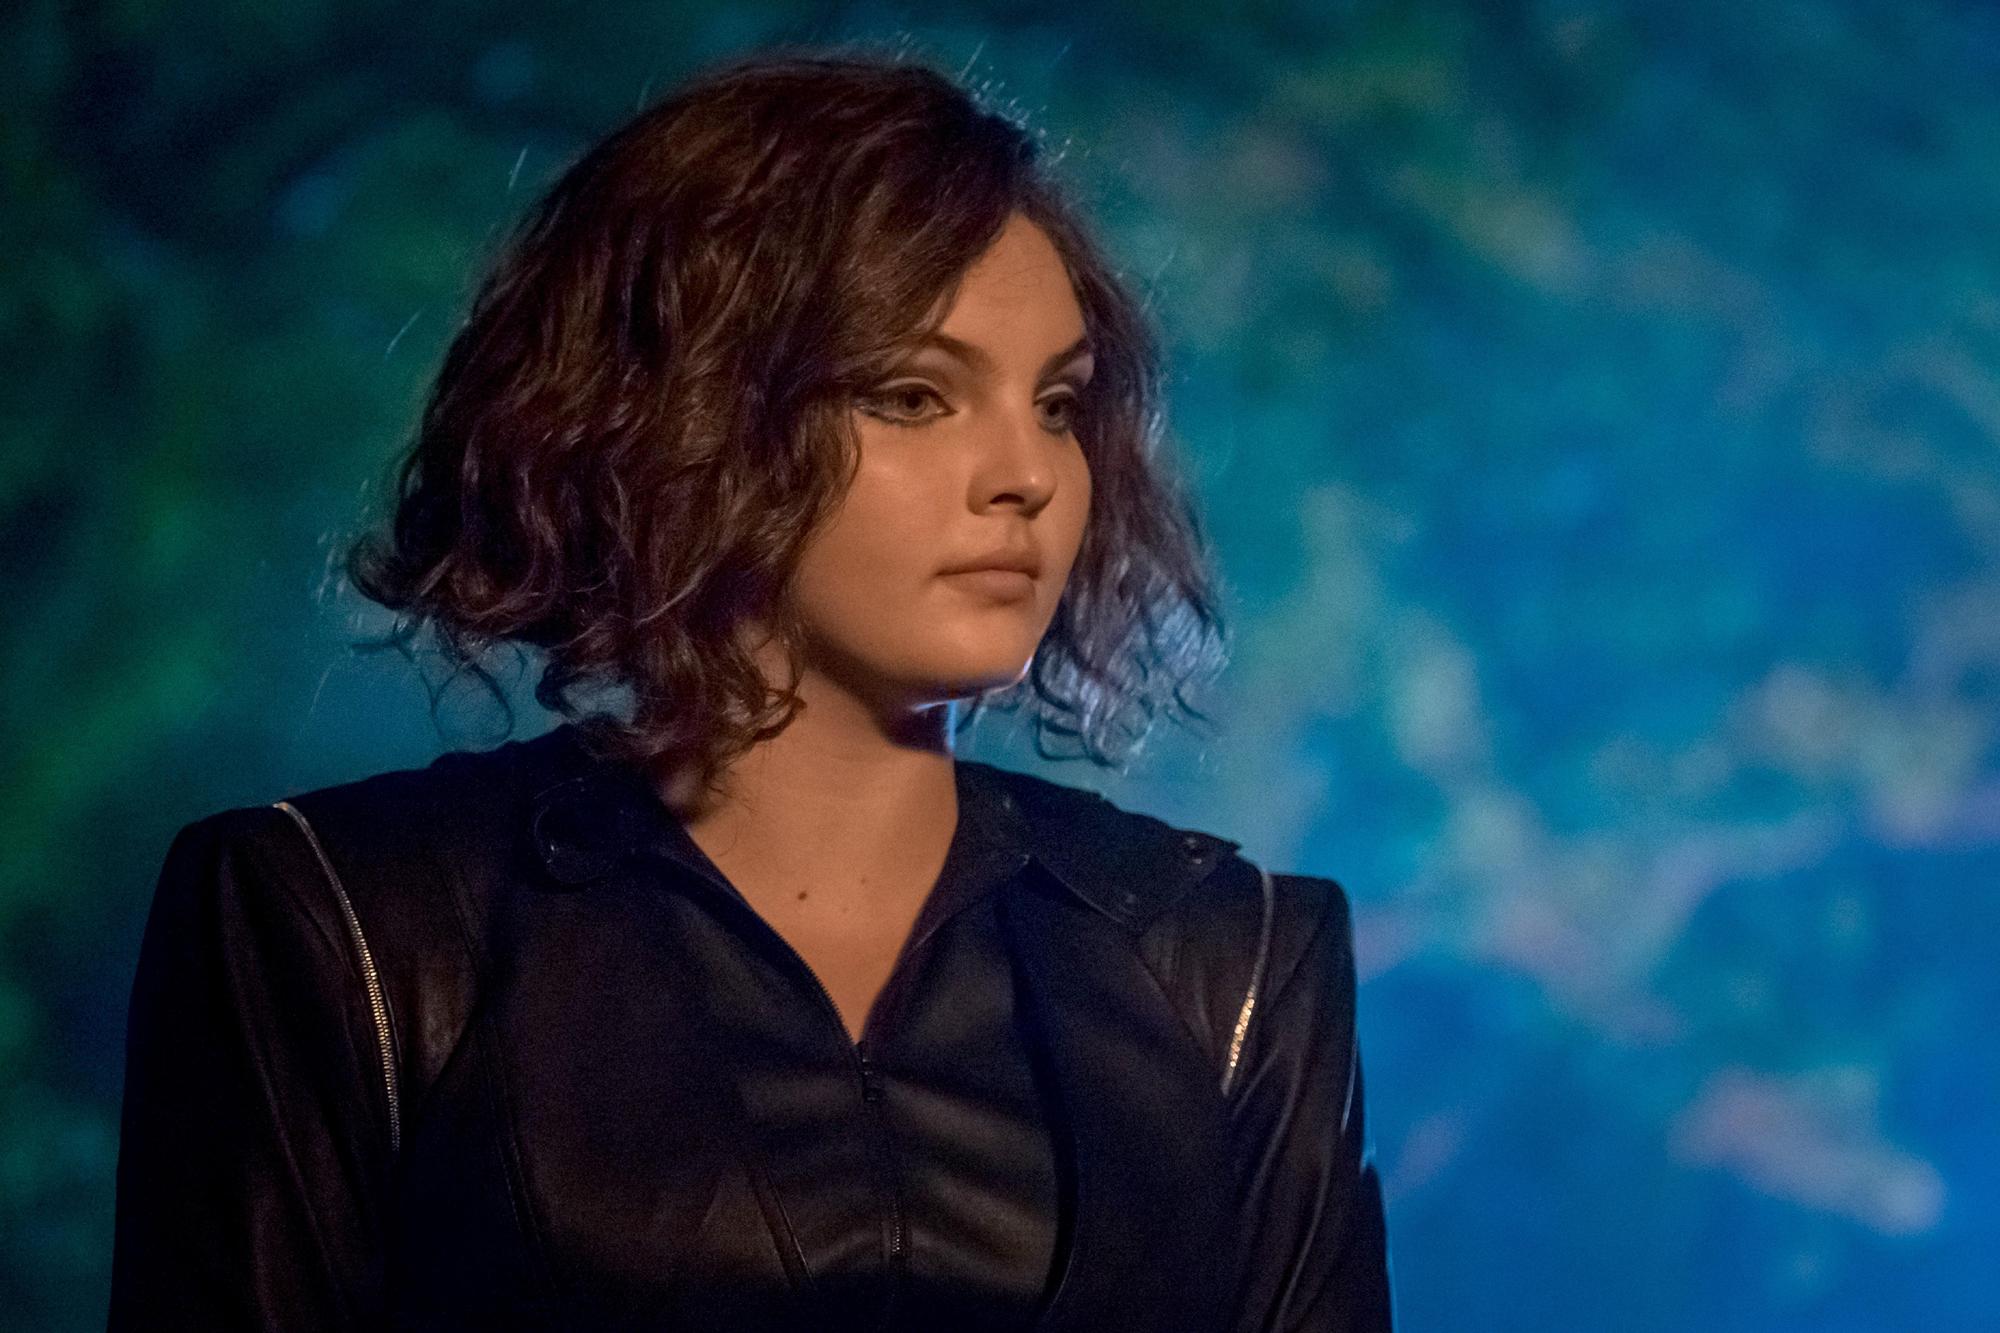 Gotham 5. Sezon 3. Bölüm İncelemesi – Catwoman Doğuyor resimi